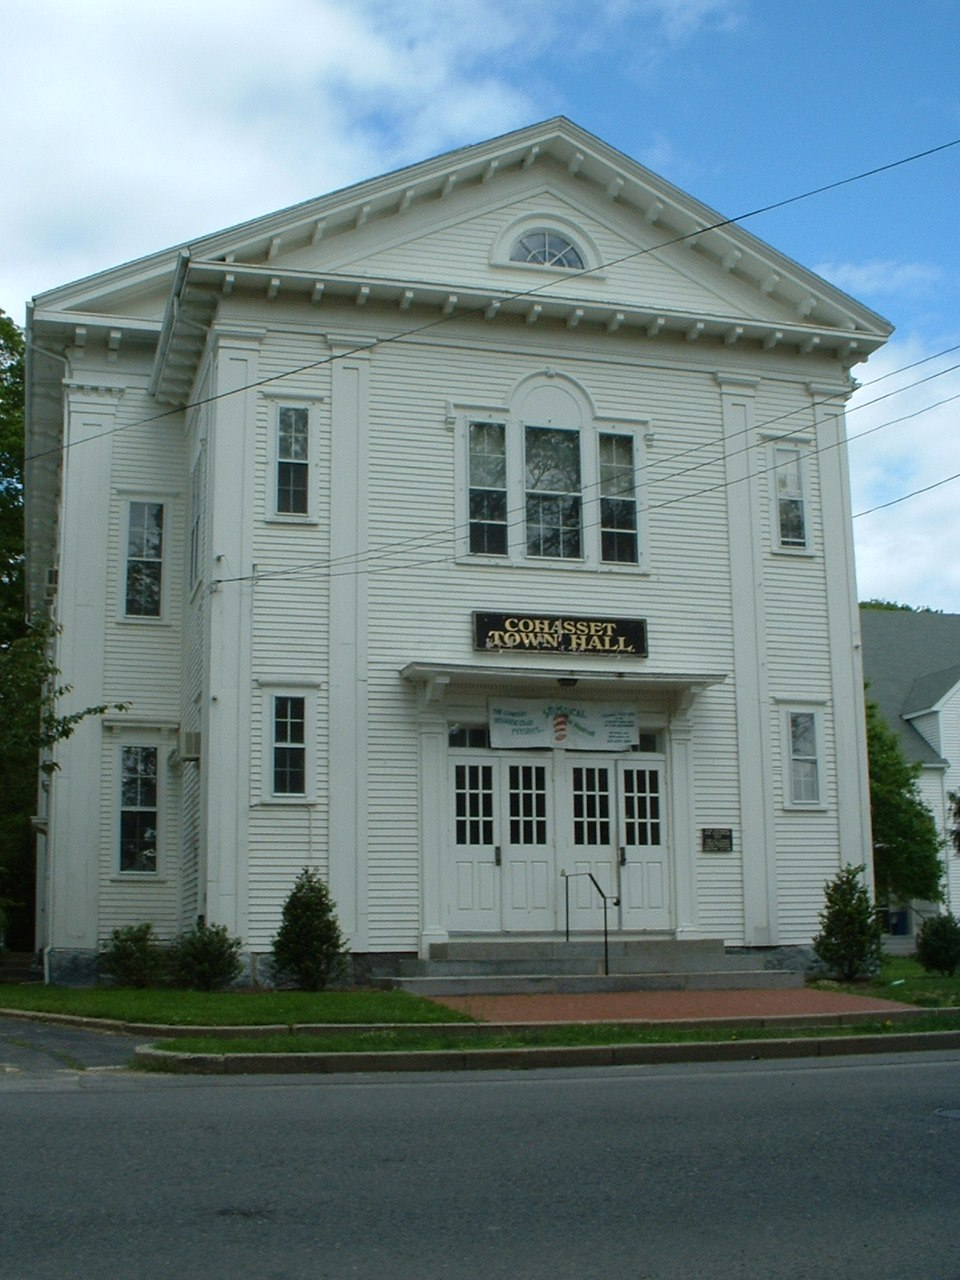 Cohasset MA Town Hall